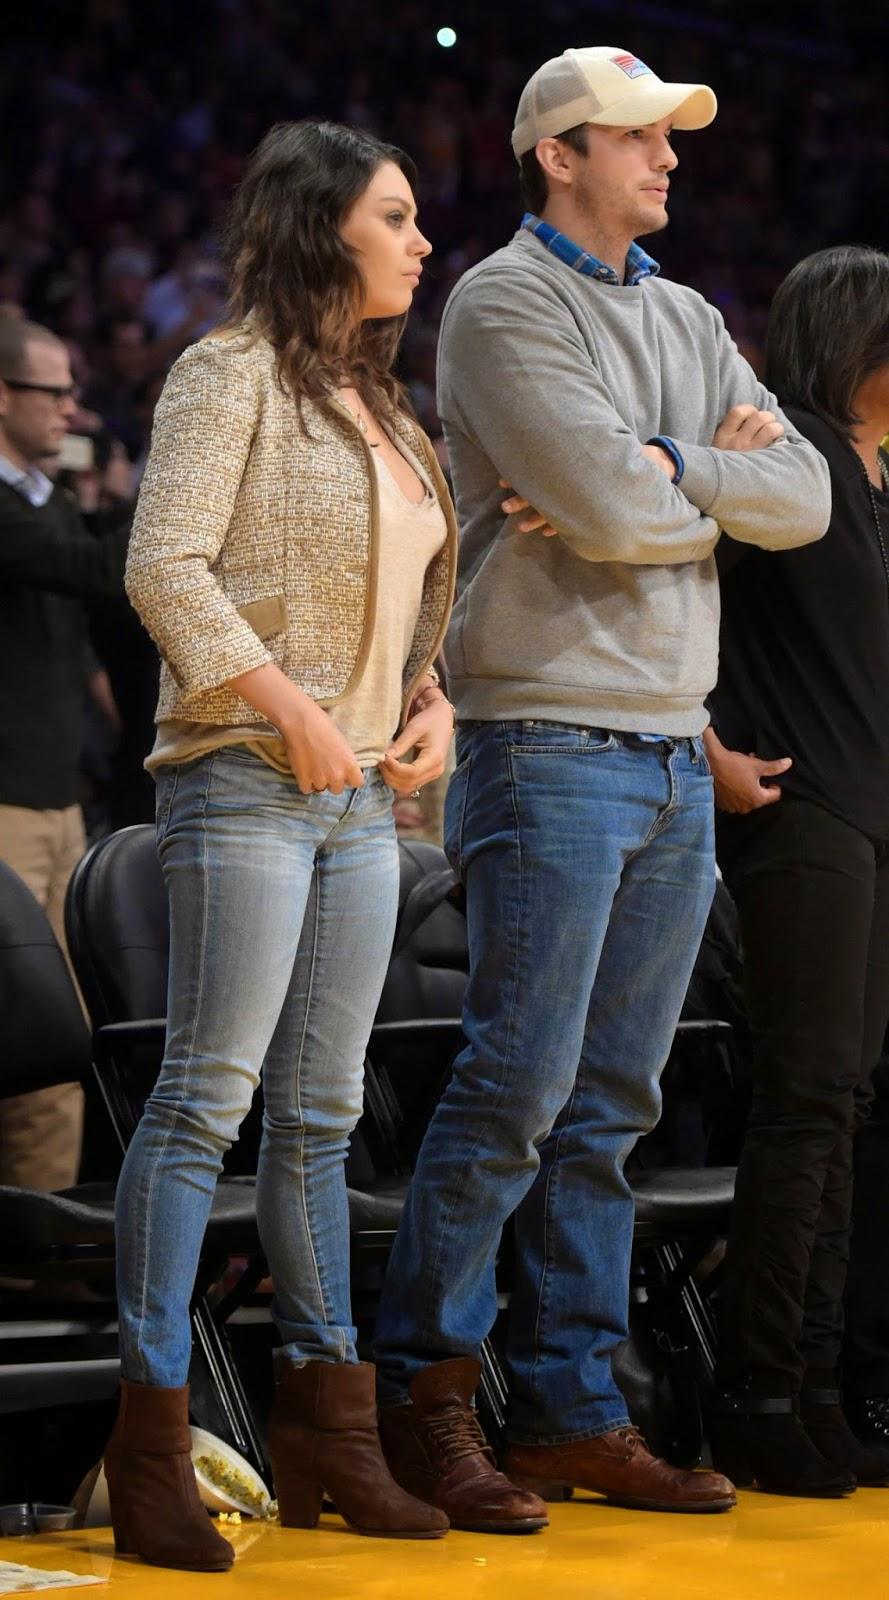 ميلا كونيس وأشتون كوتشر خلال حضور مباراة كرة سلة في لوس انجلوس